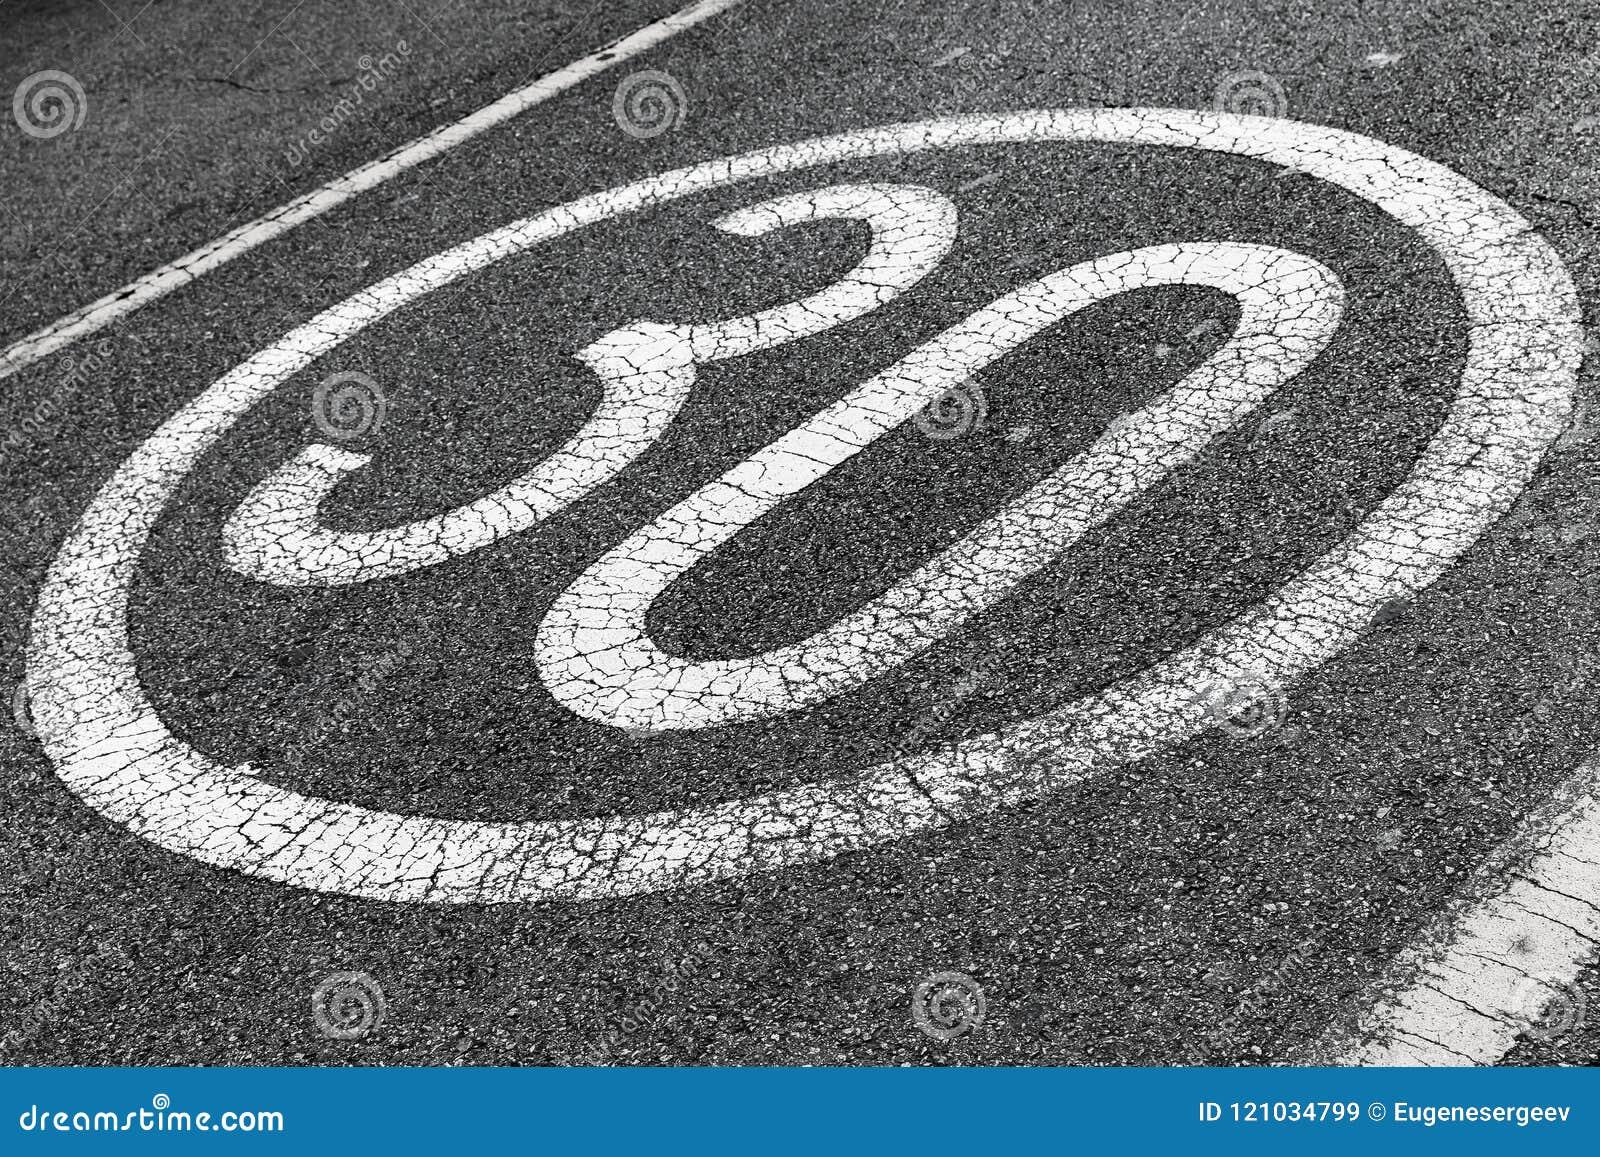 Round speed limit road marking